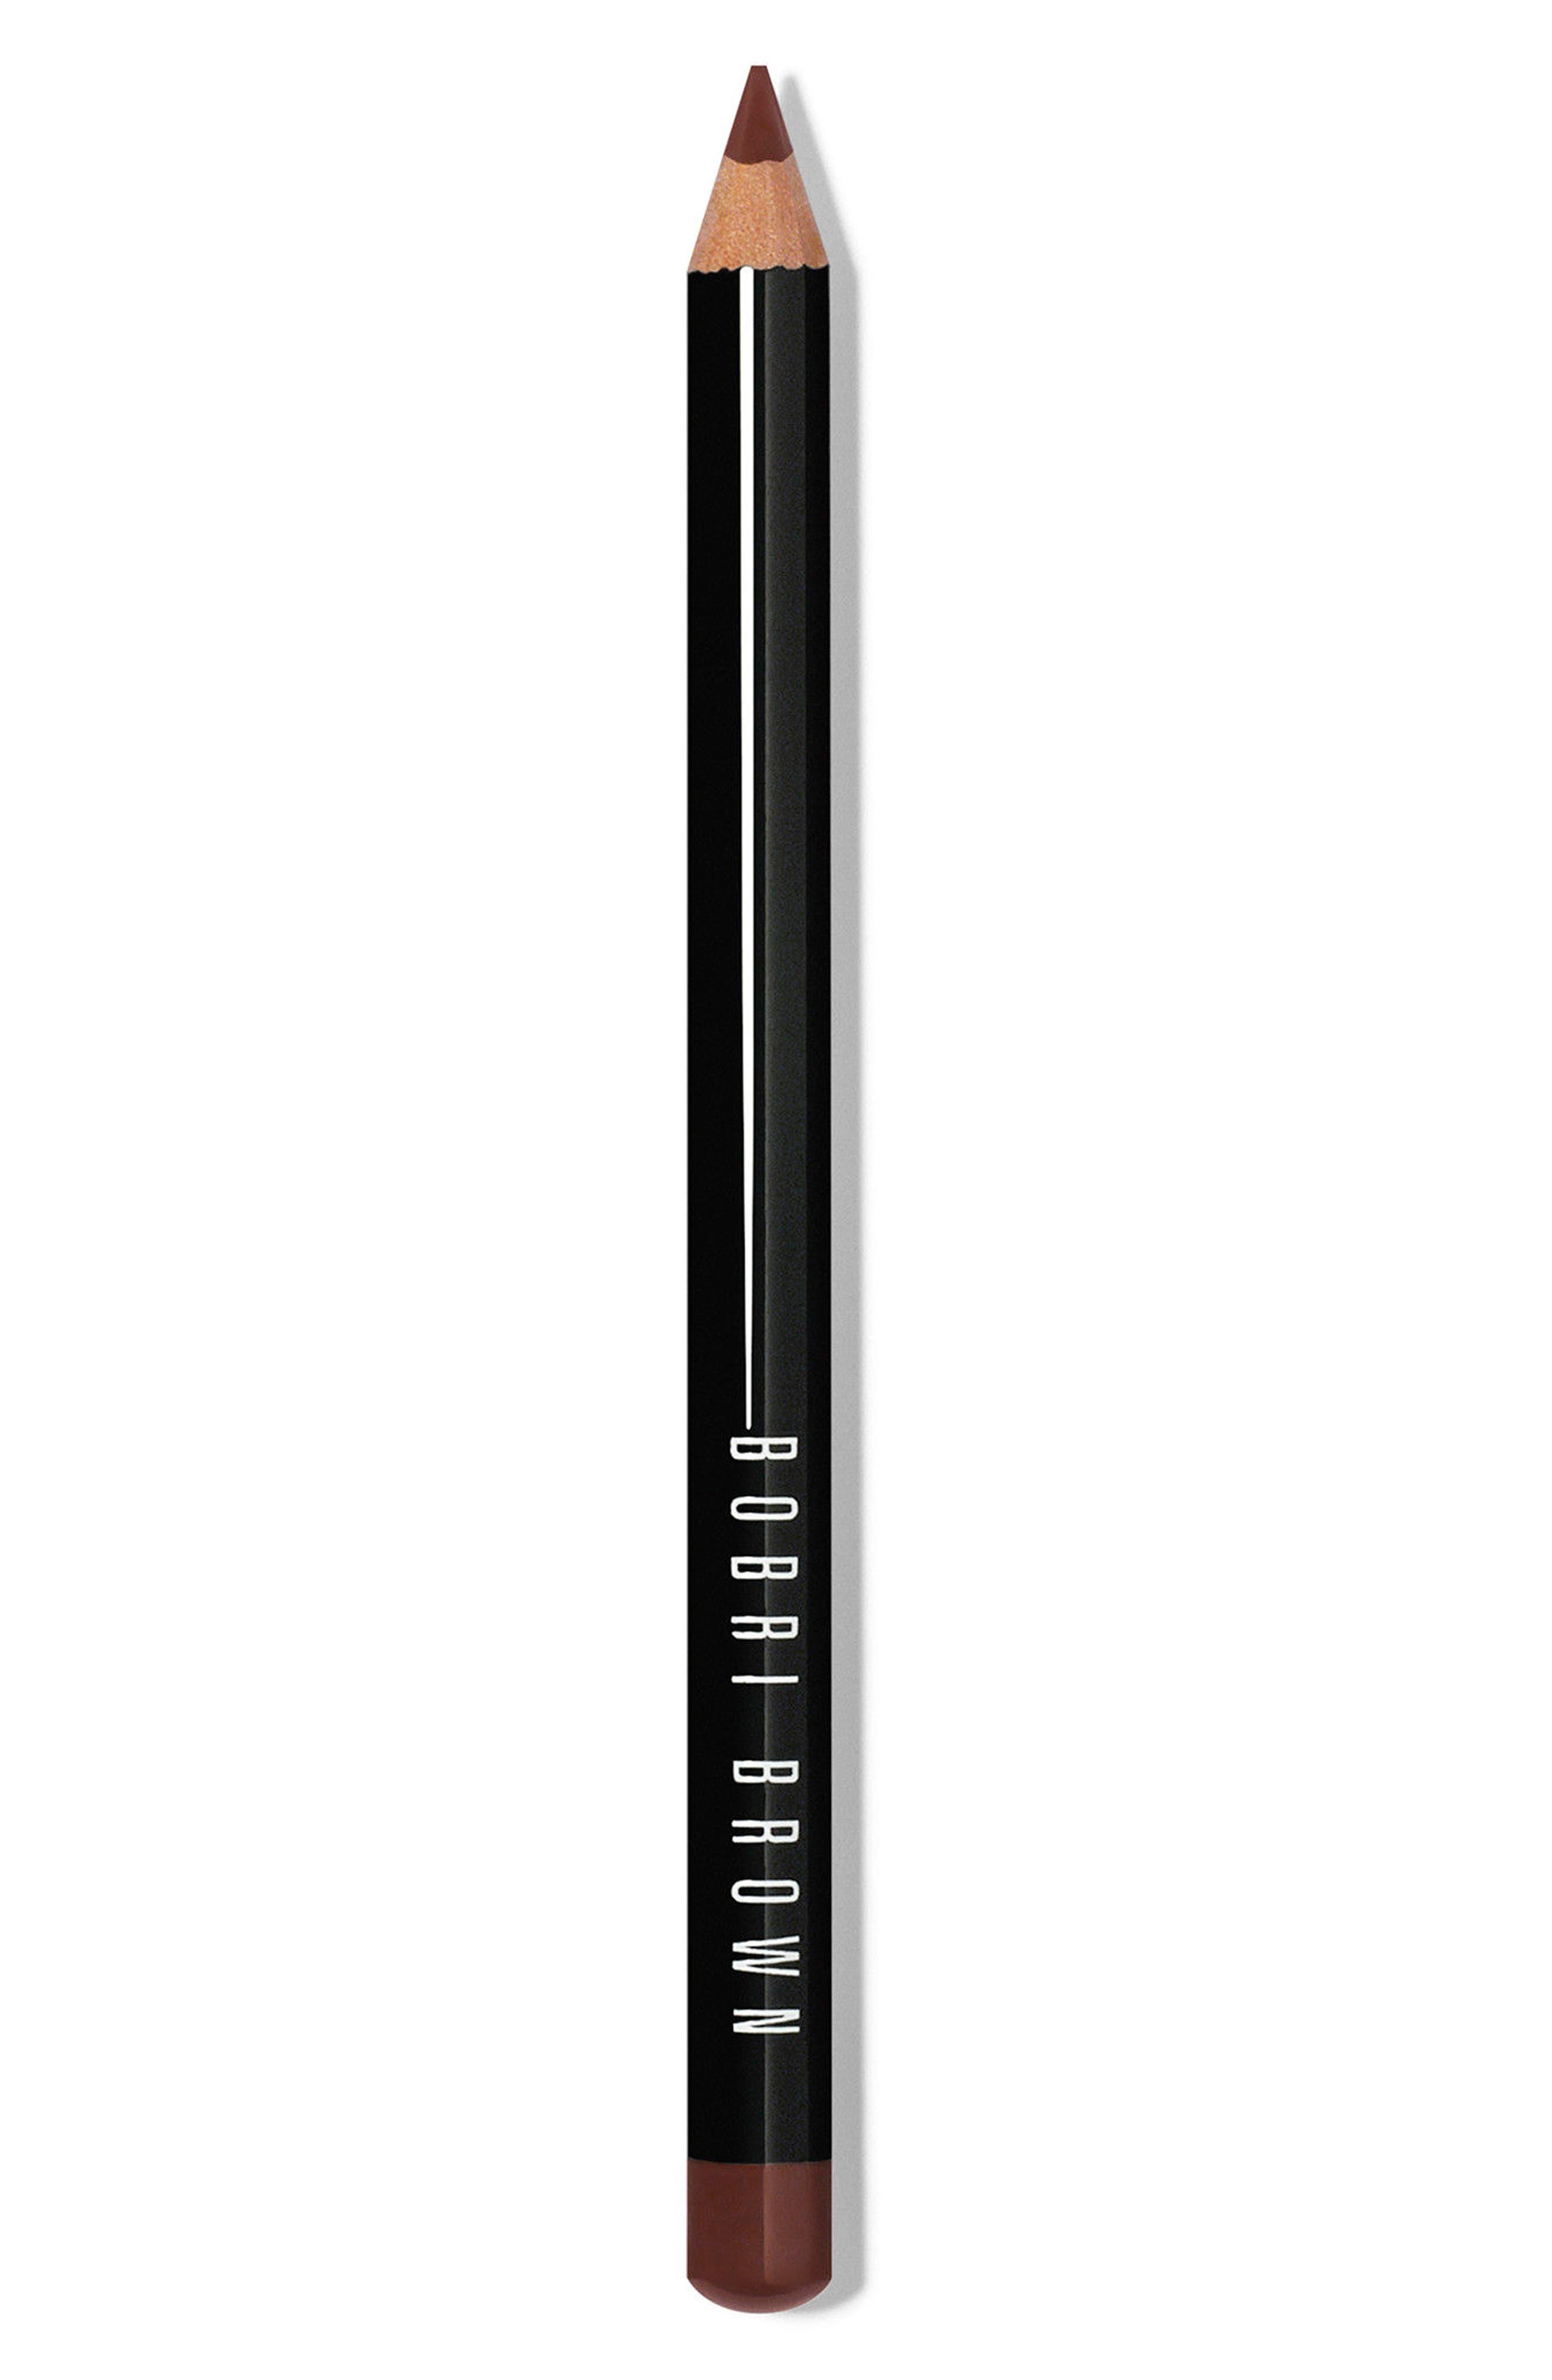 BOBBI BROWN Lip Liner Pencil, Main, color, CHOCOLATE